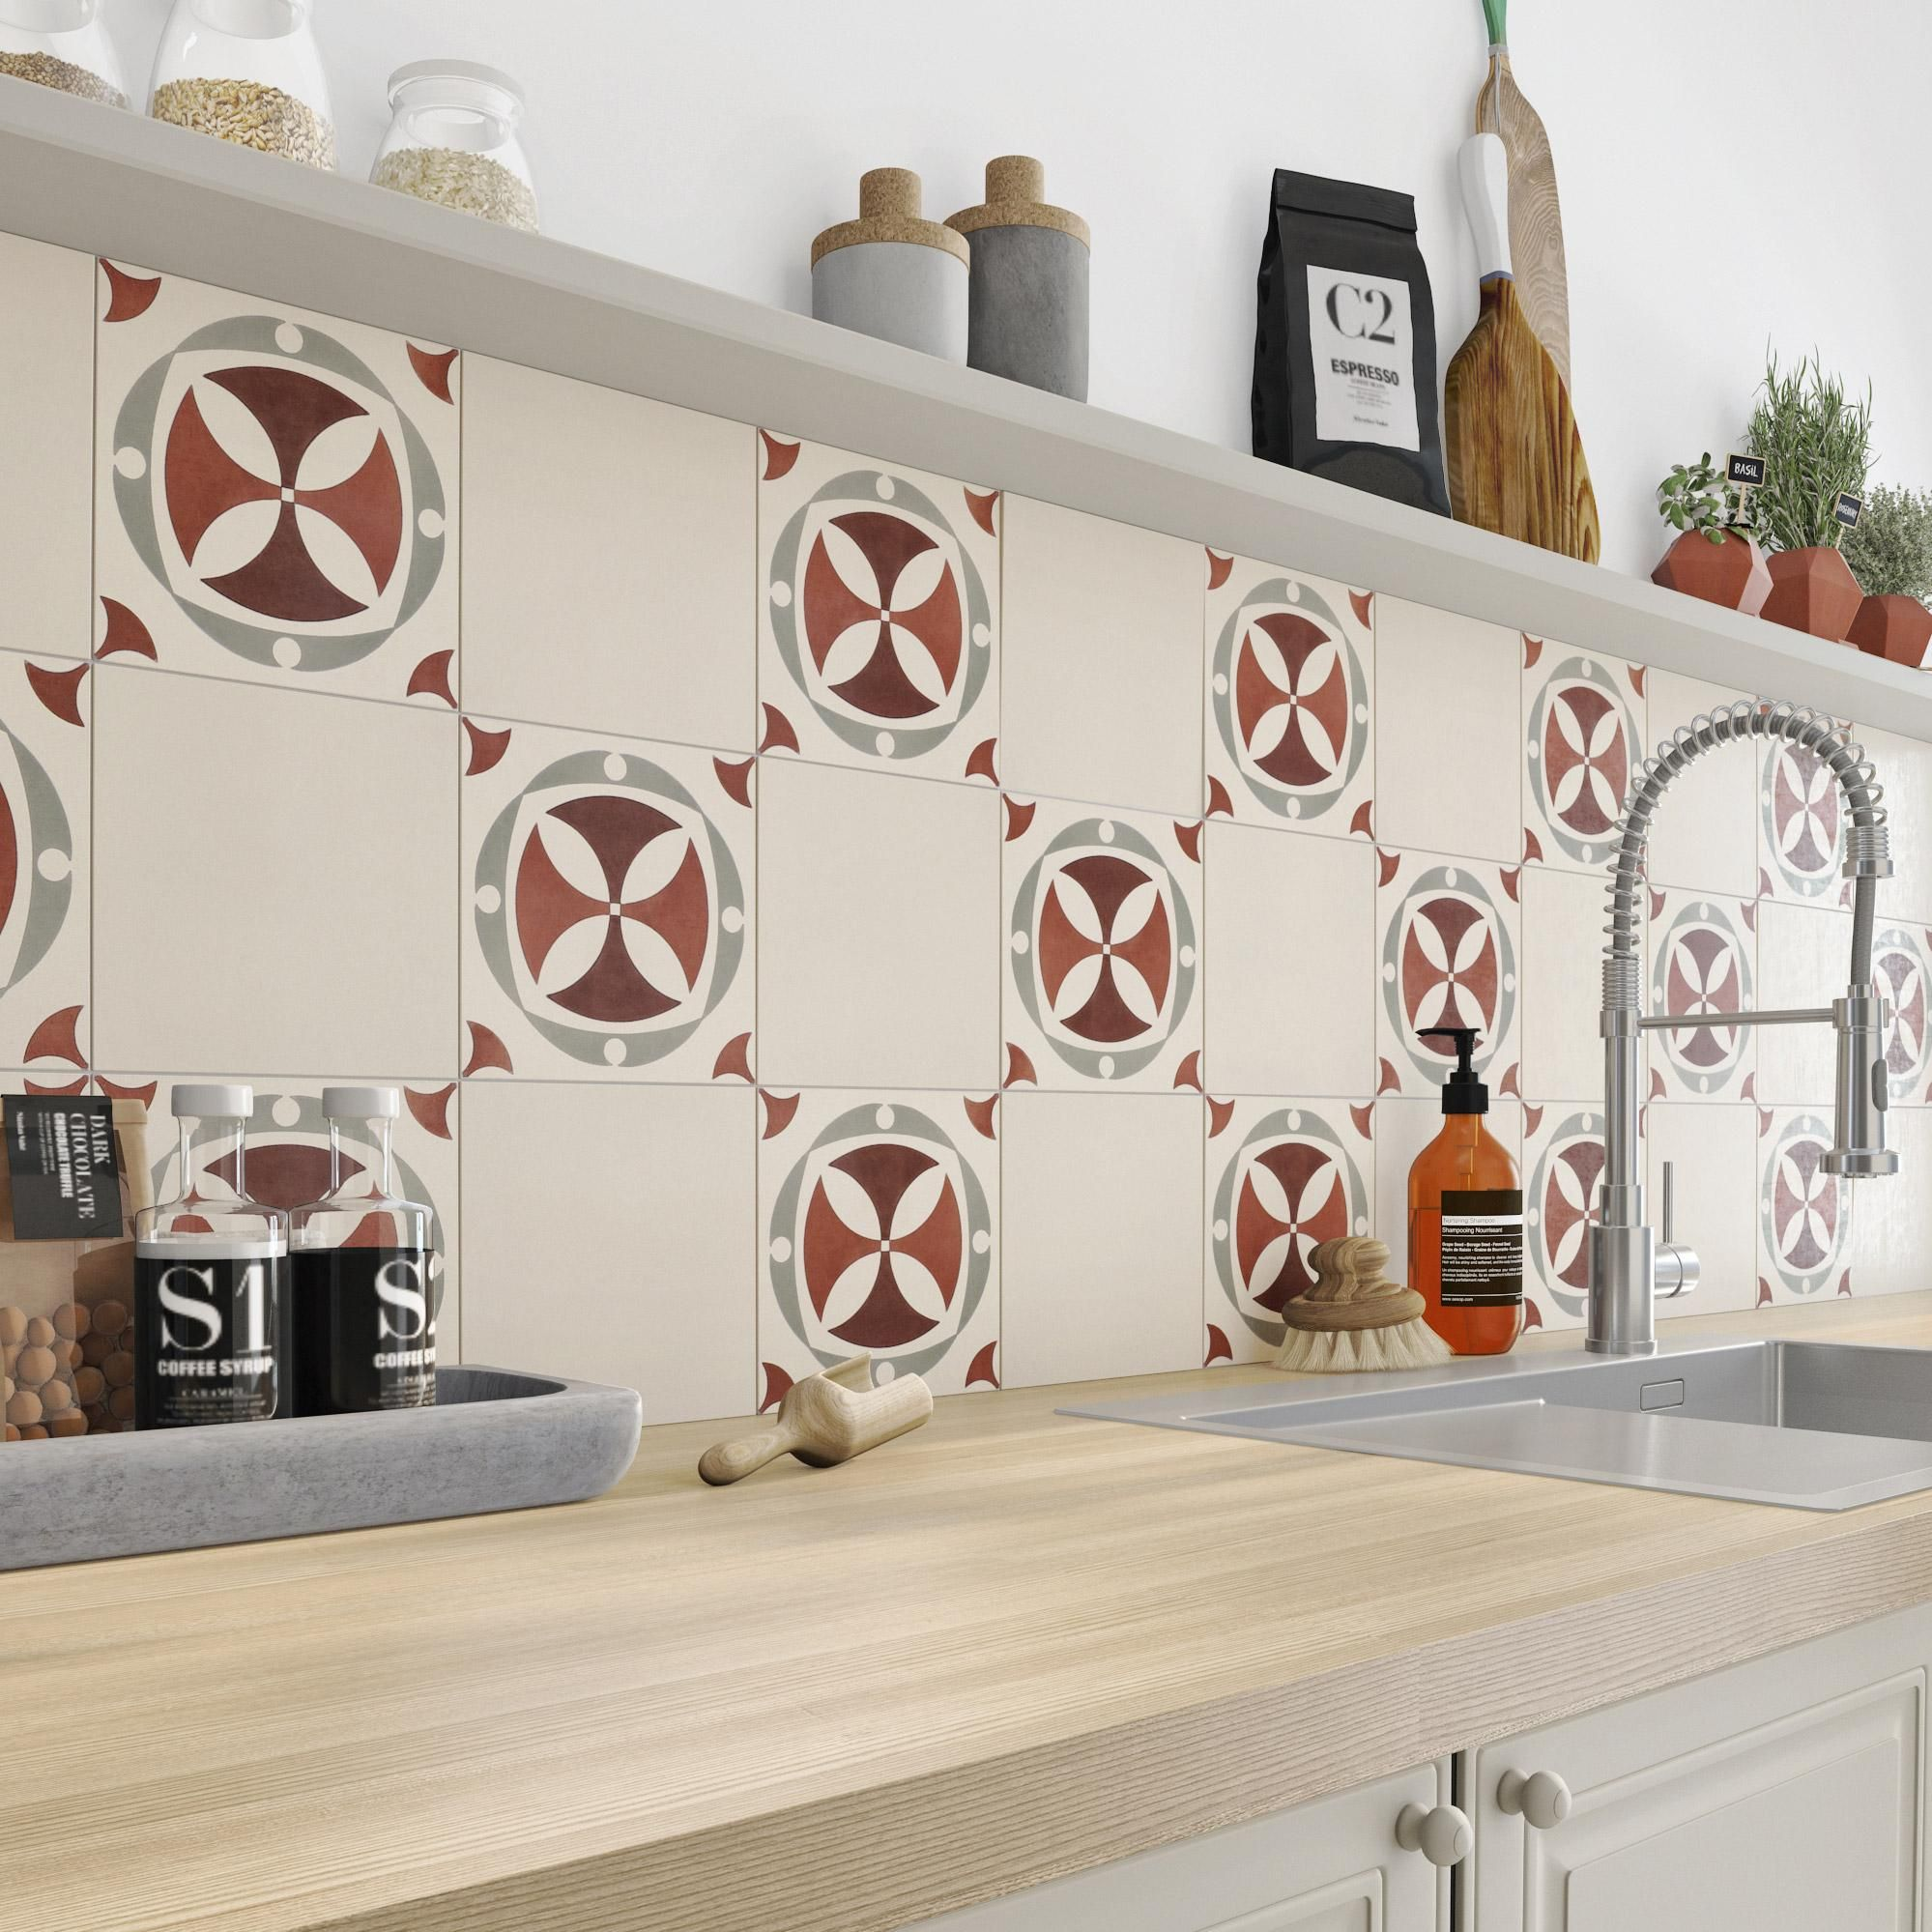 Carreau De Ciment Mur Beige Mat L 20 X L 20 Cm Belle Epoque No Name En 2020 Carrelage Mural Cuisine Decoration Maison Et Credence Carreau De Ciment